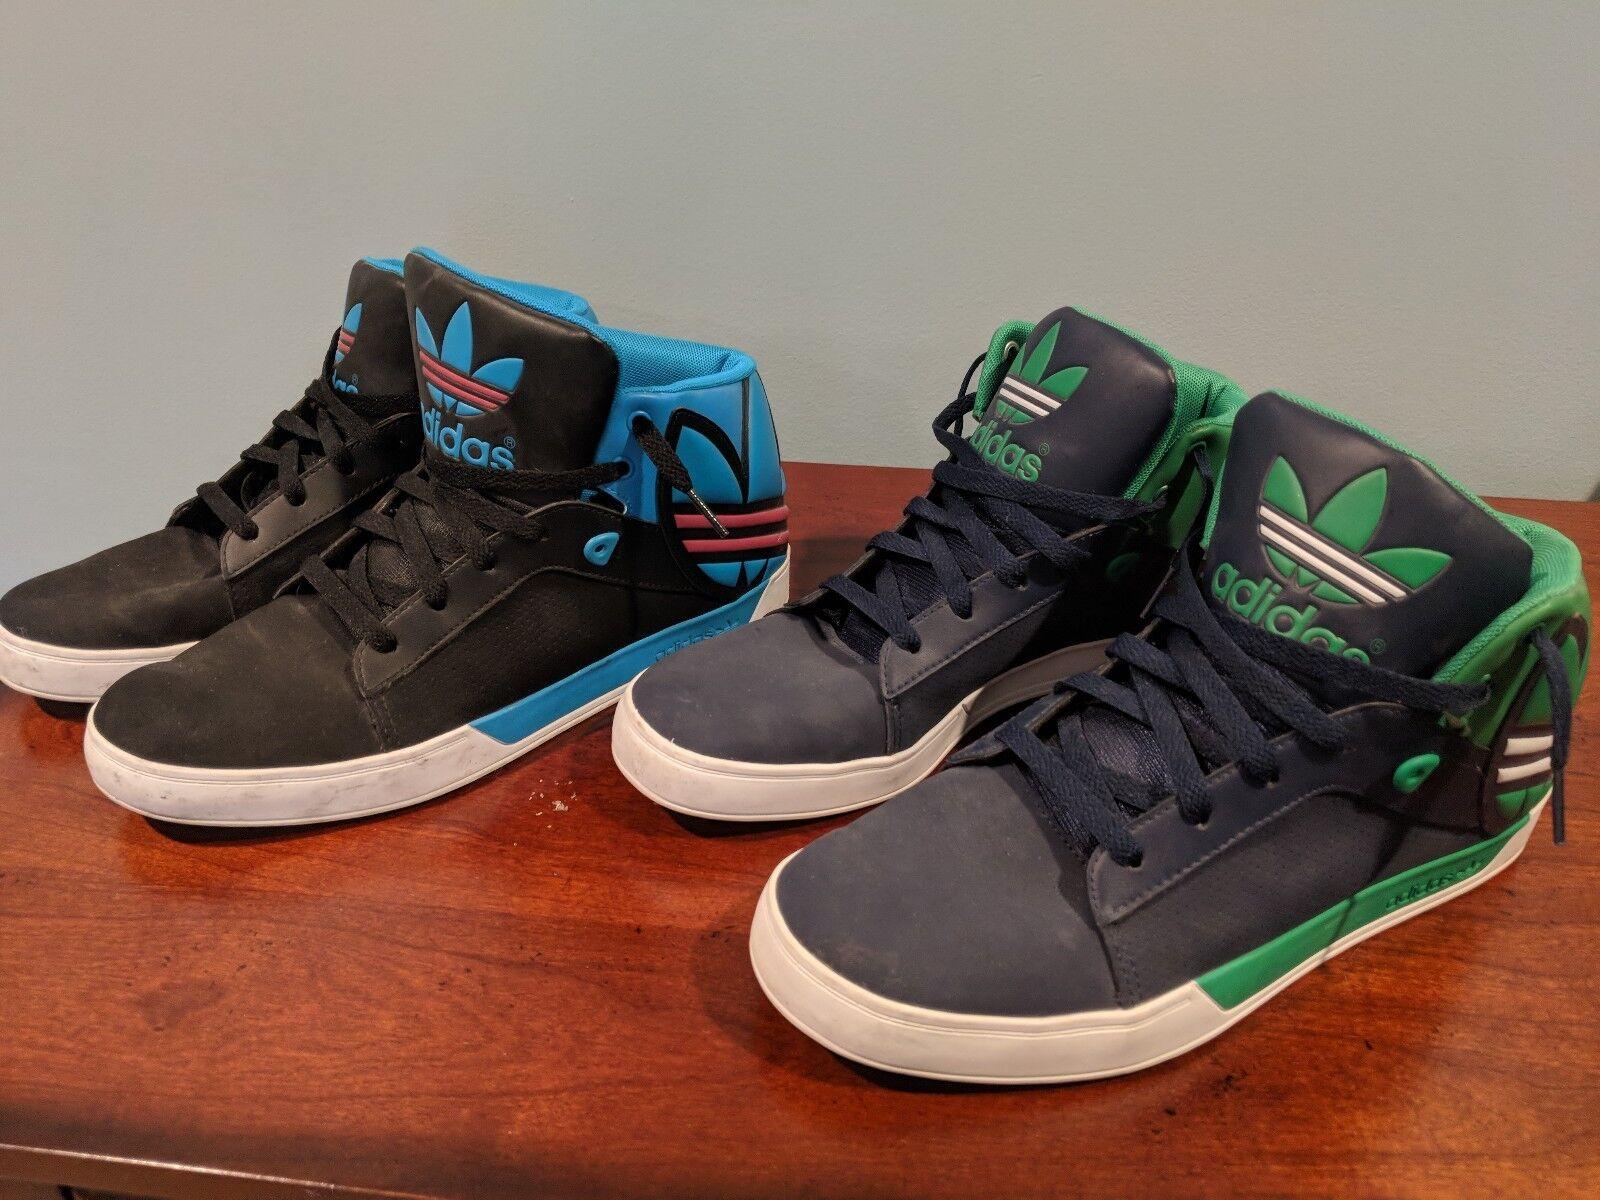 reputable site 56326 e73c8 Adidas shoes Bundle Size 9. Reprise RPS1632 Sneaker Leder lacigreen kroko  blue 180042